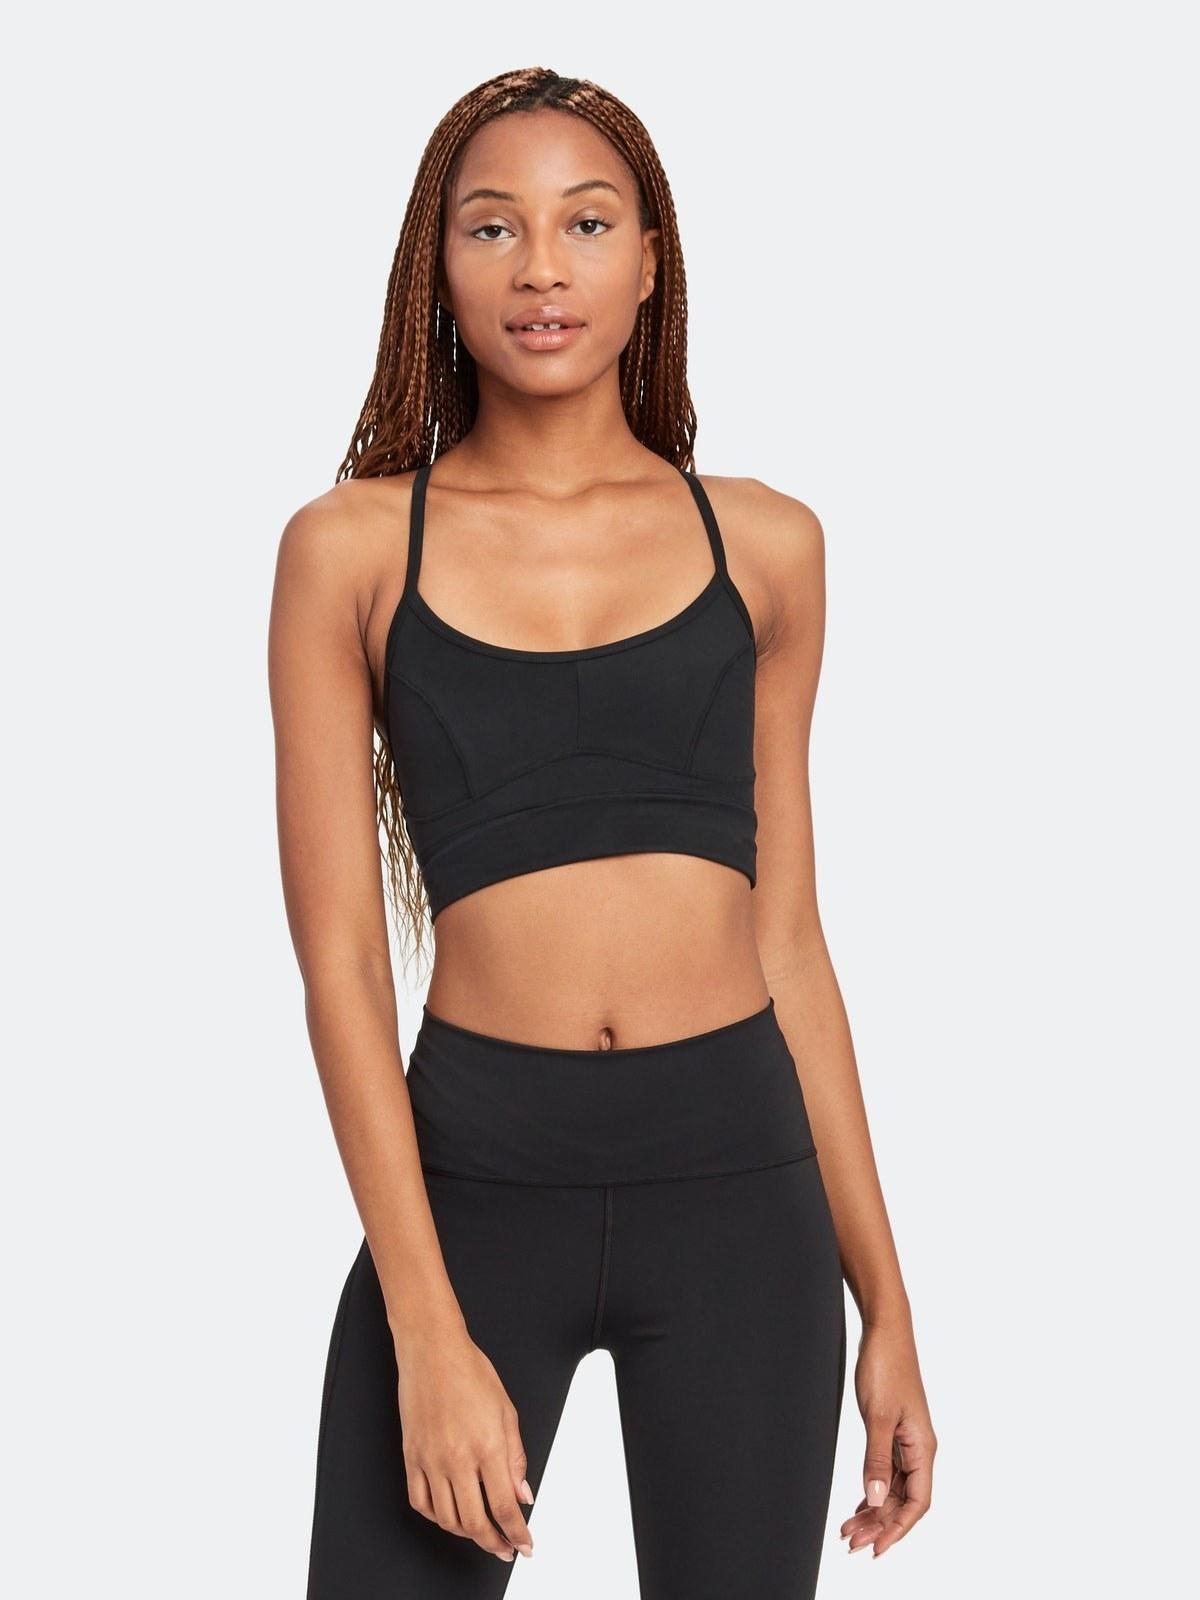 model wearing the black sports bra